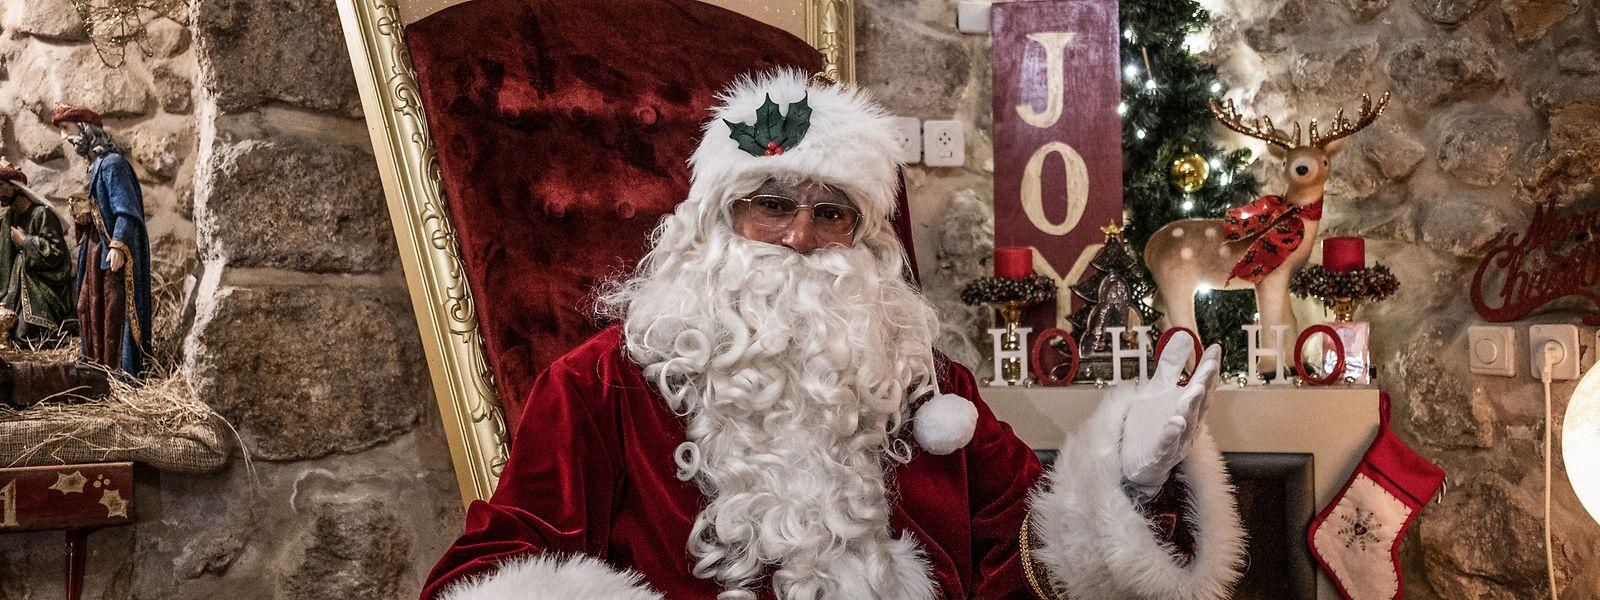 Issa Kassissieh verkleidet als Weihnachtsmann sitzt in seinem Haus auf einem goldenen Thron. Der ehemalige Basketballspieler verweist auf mehrere Diplome und Zertifikate von Weihnachtsmannschulen in den USA.